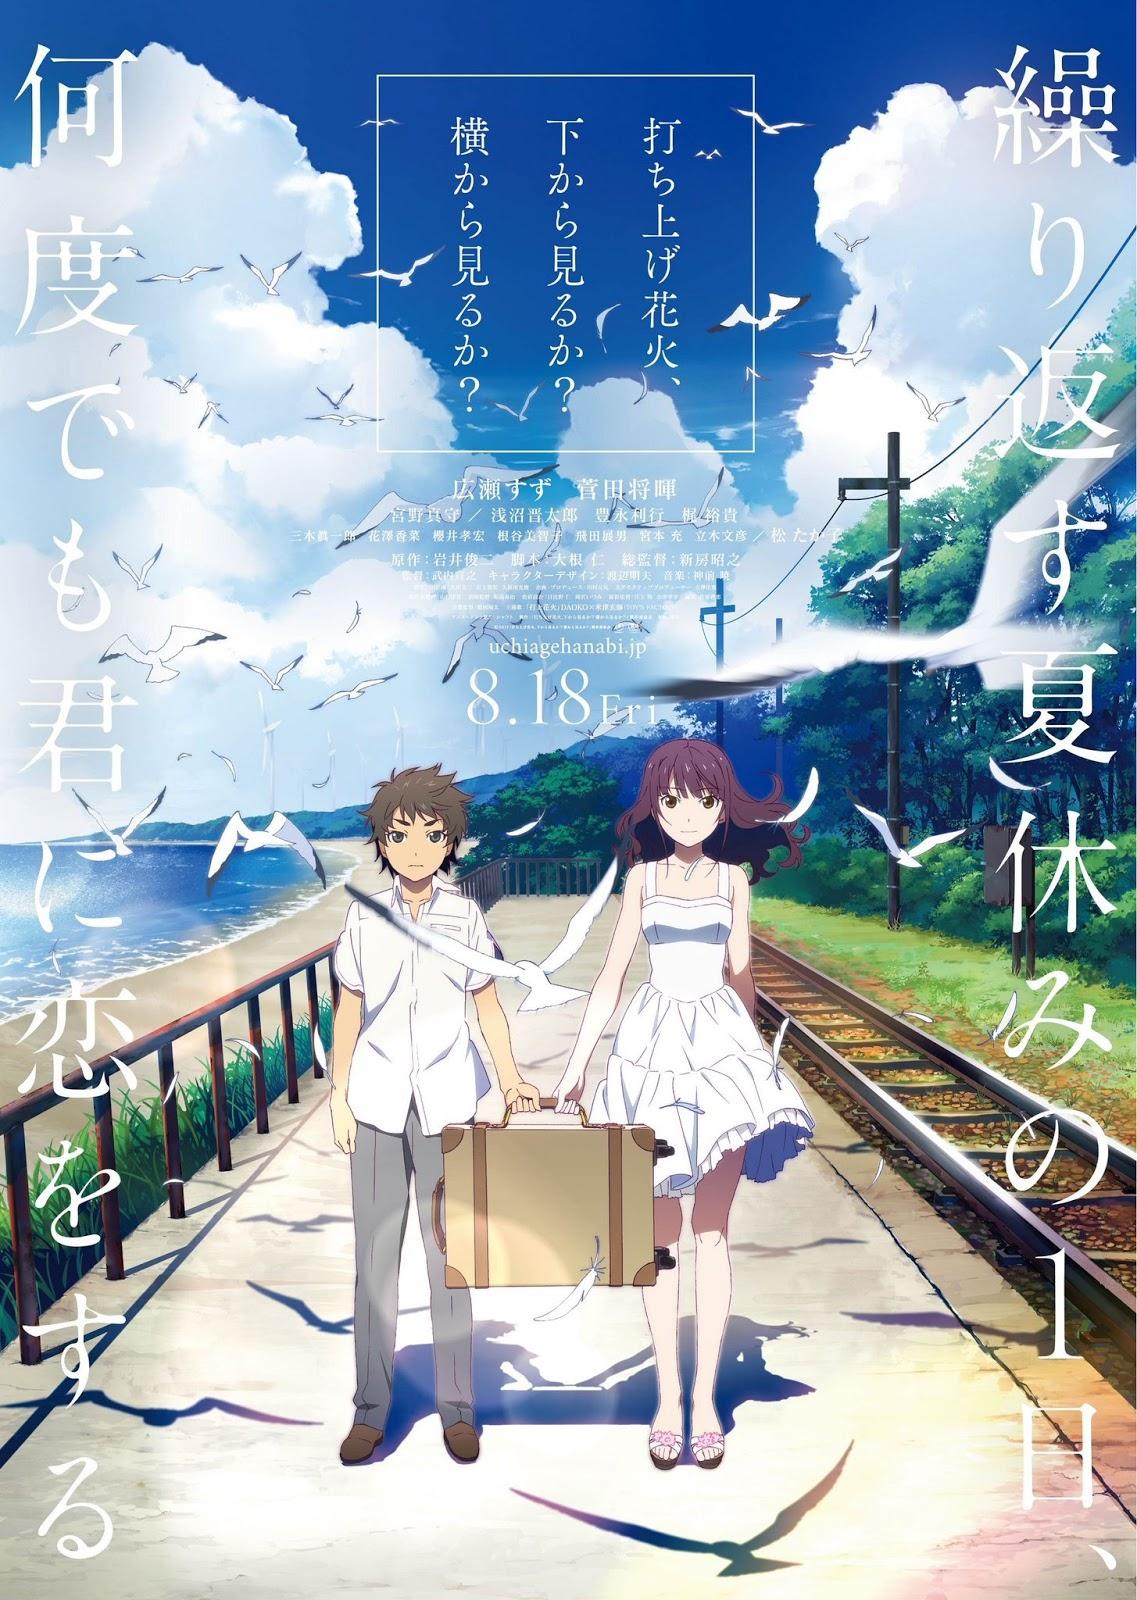 Anime movie subtitle indo uchiage hanabi shita kara miru ka yoko kara miru ka sub indo